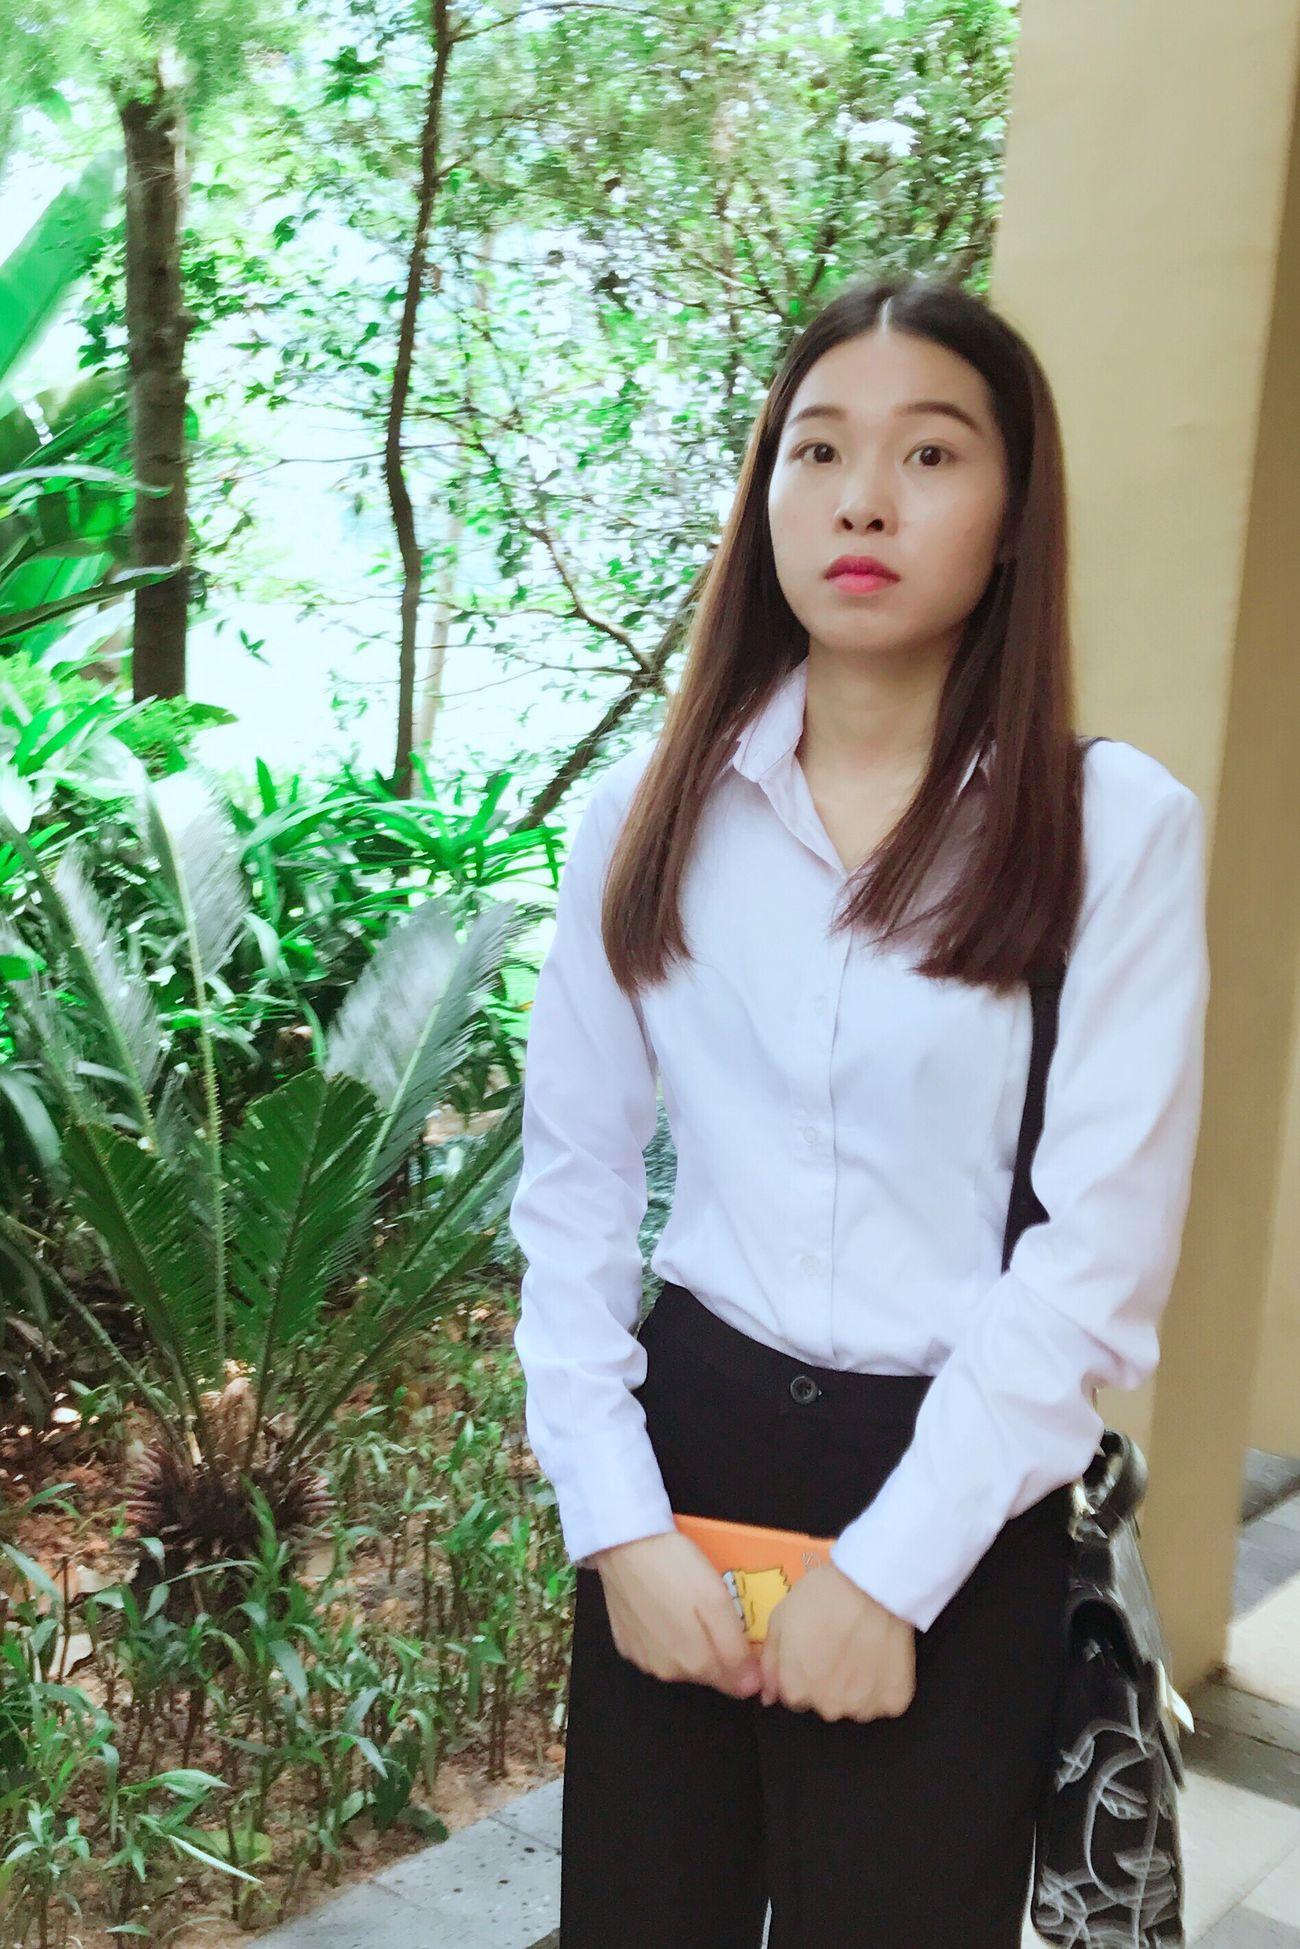 EyeEm China Chinese Girl